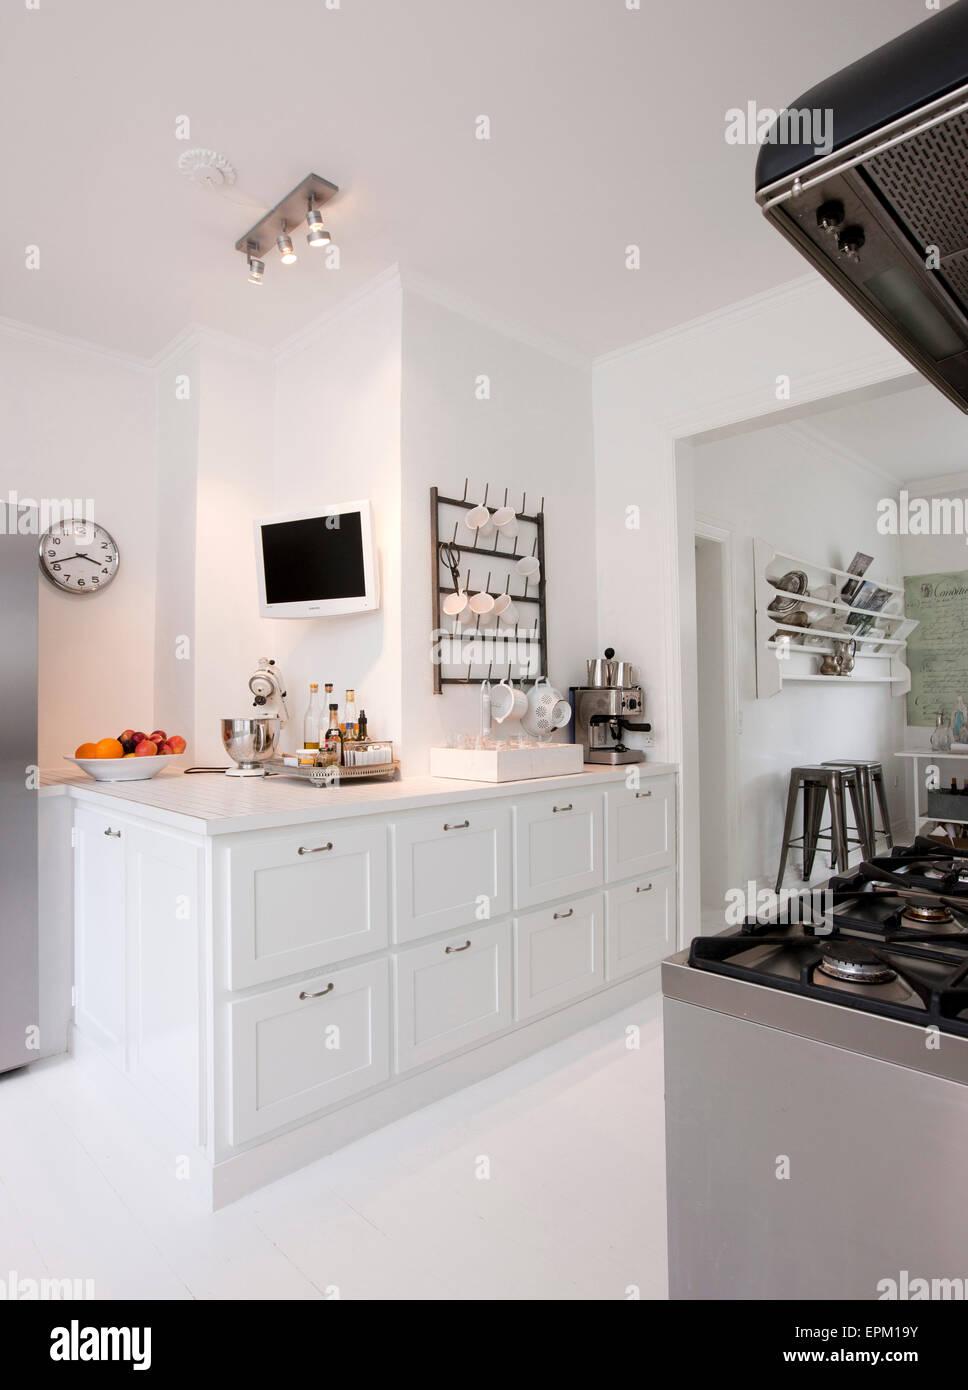 Cucina bianca con forno di gamma e montato a parete TV in ...